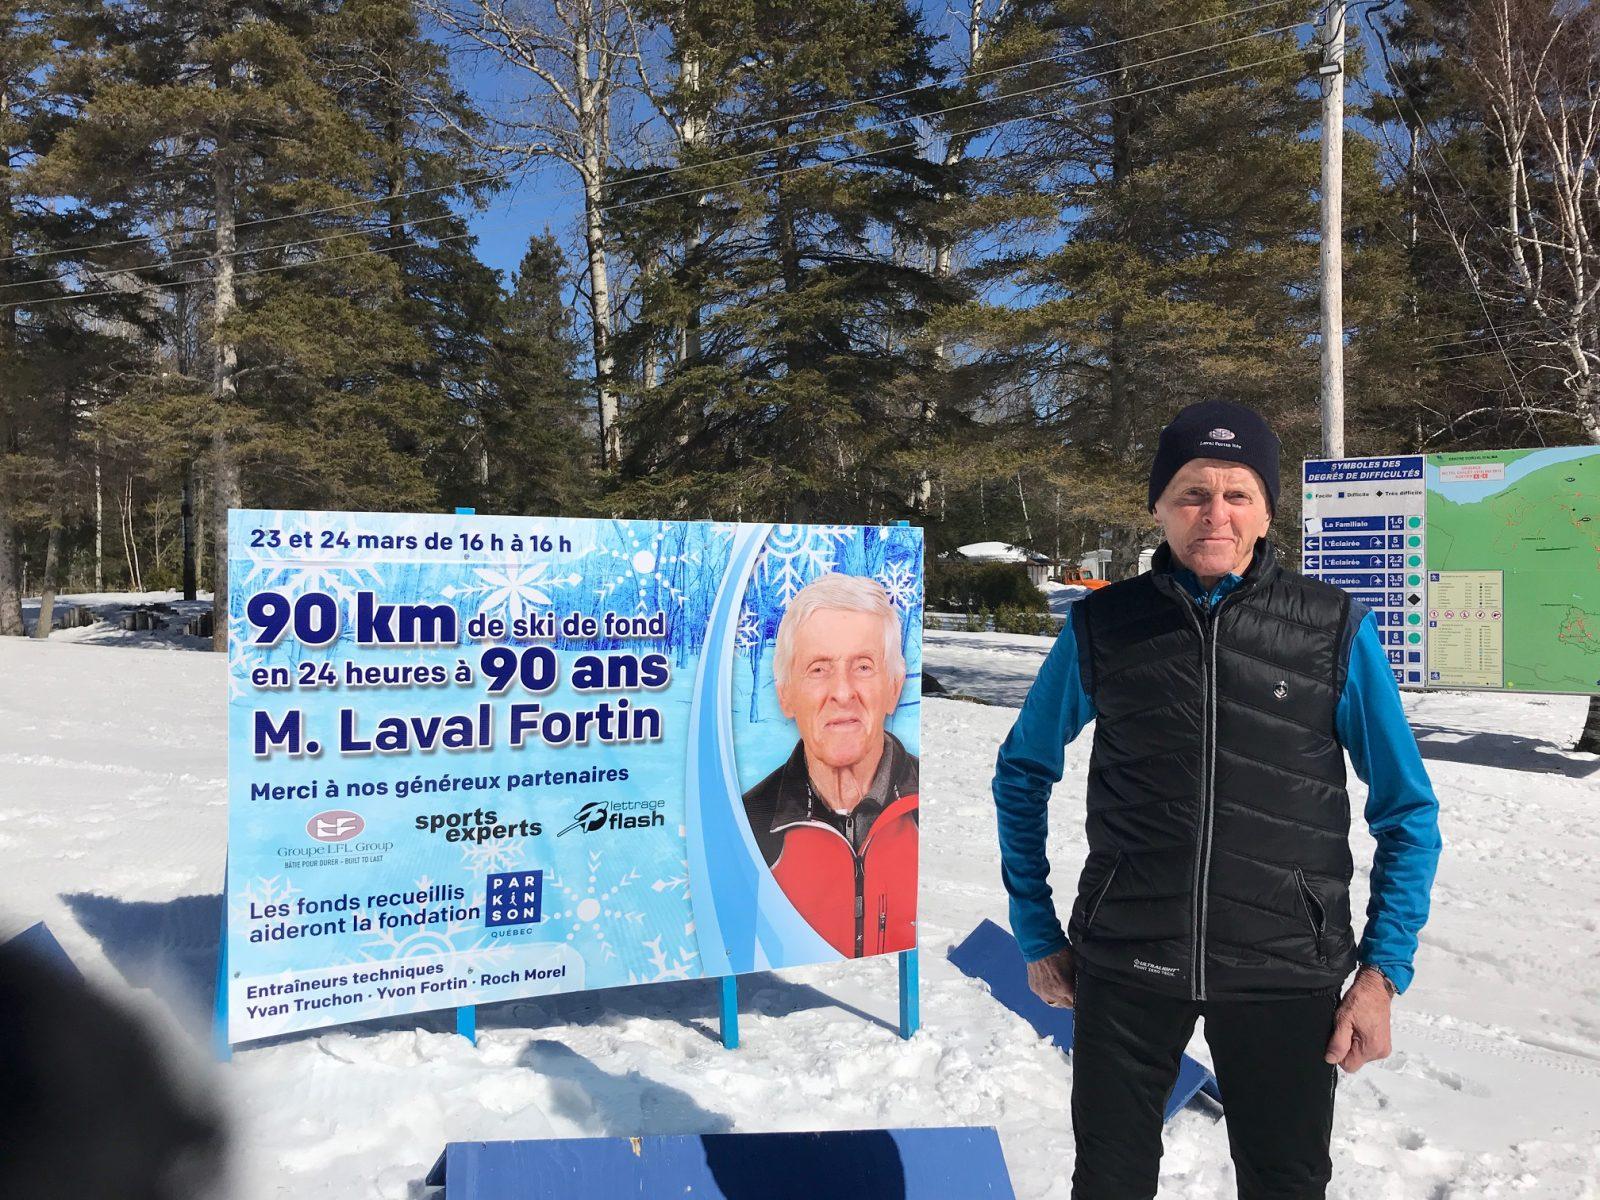 Laval Fortin: 90 km de ski de fond à l'âge de 90 ans